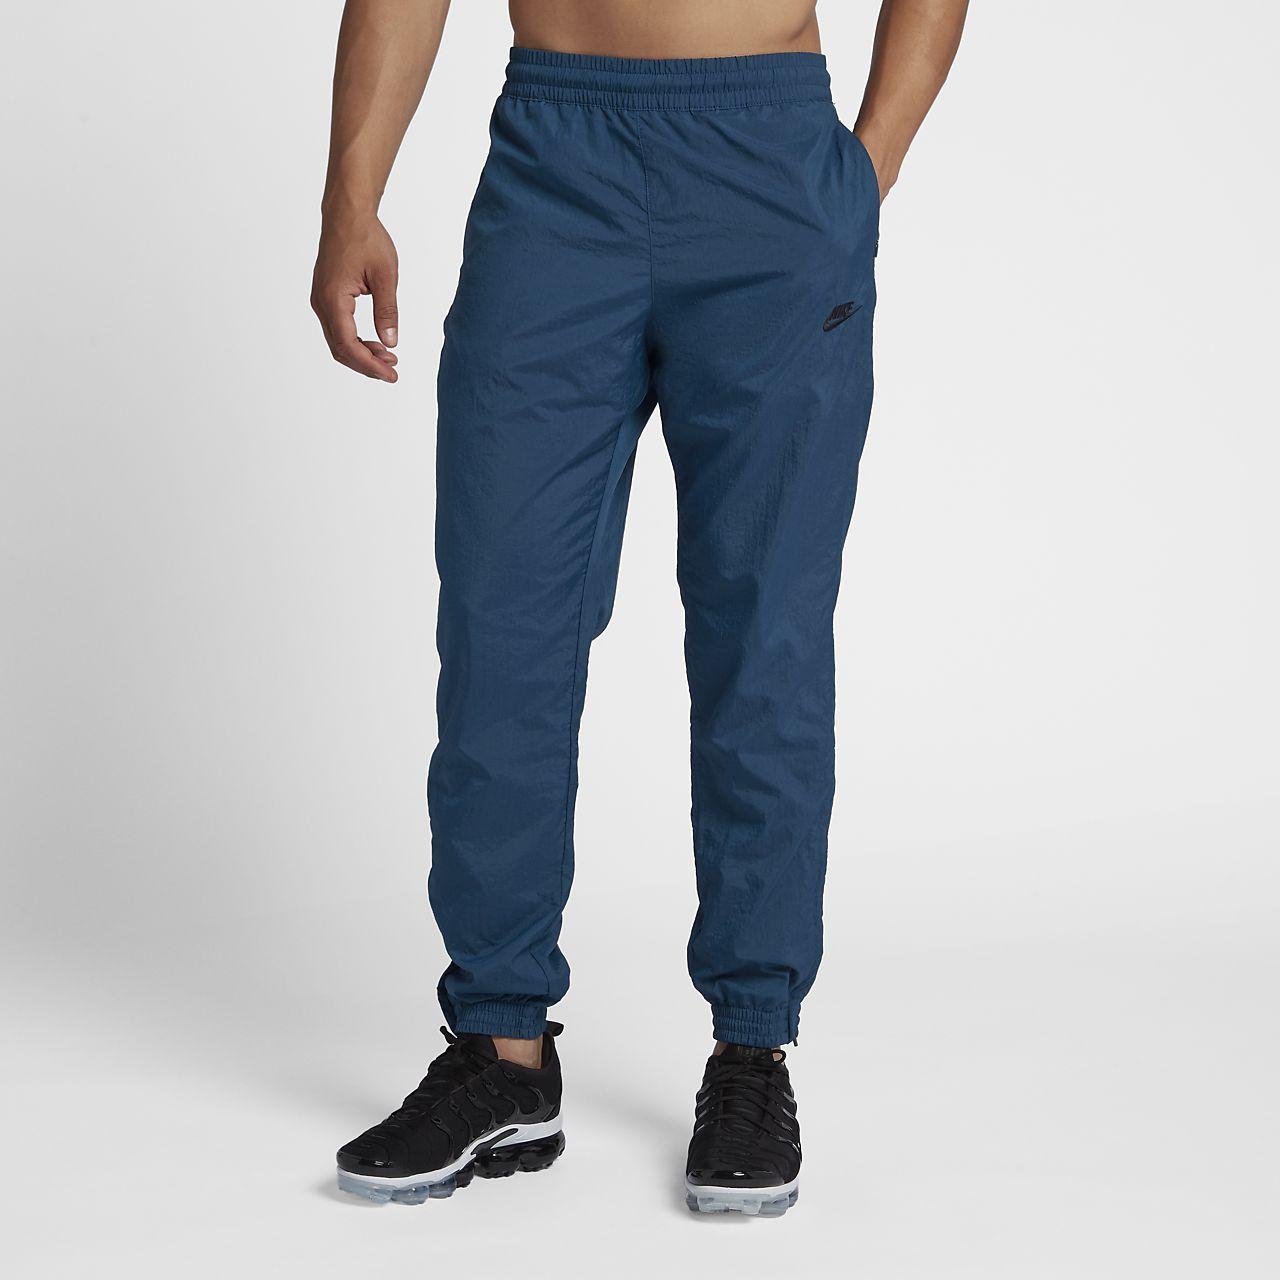 45158c2cc9e Pantalon de jogging tissé Nike Sportswear. Nike.com CA